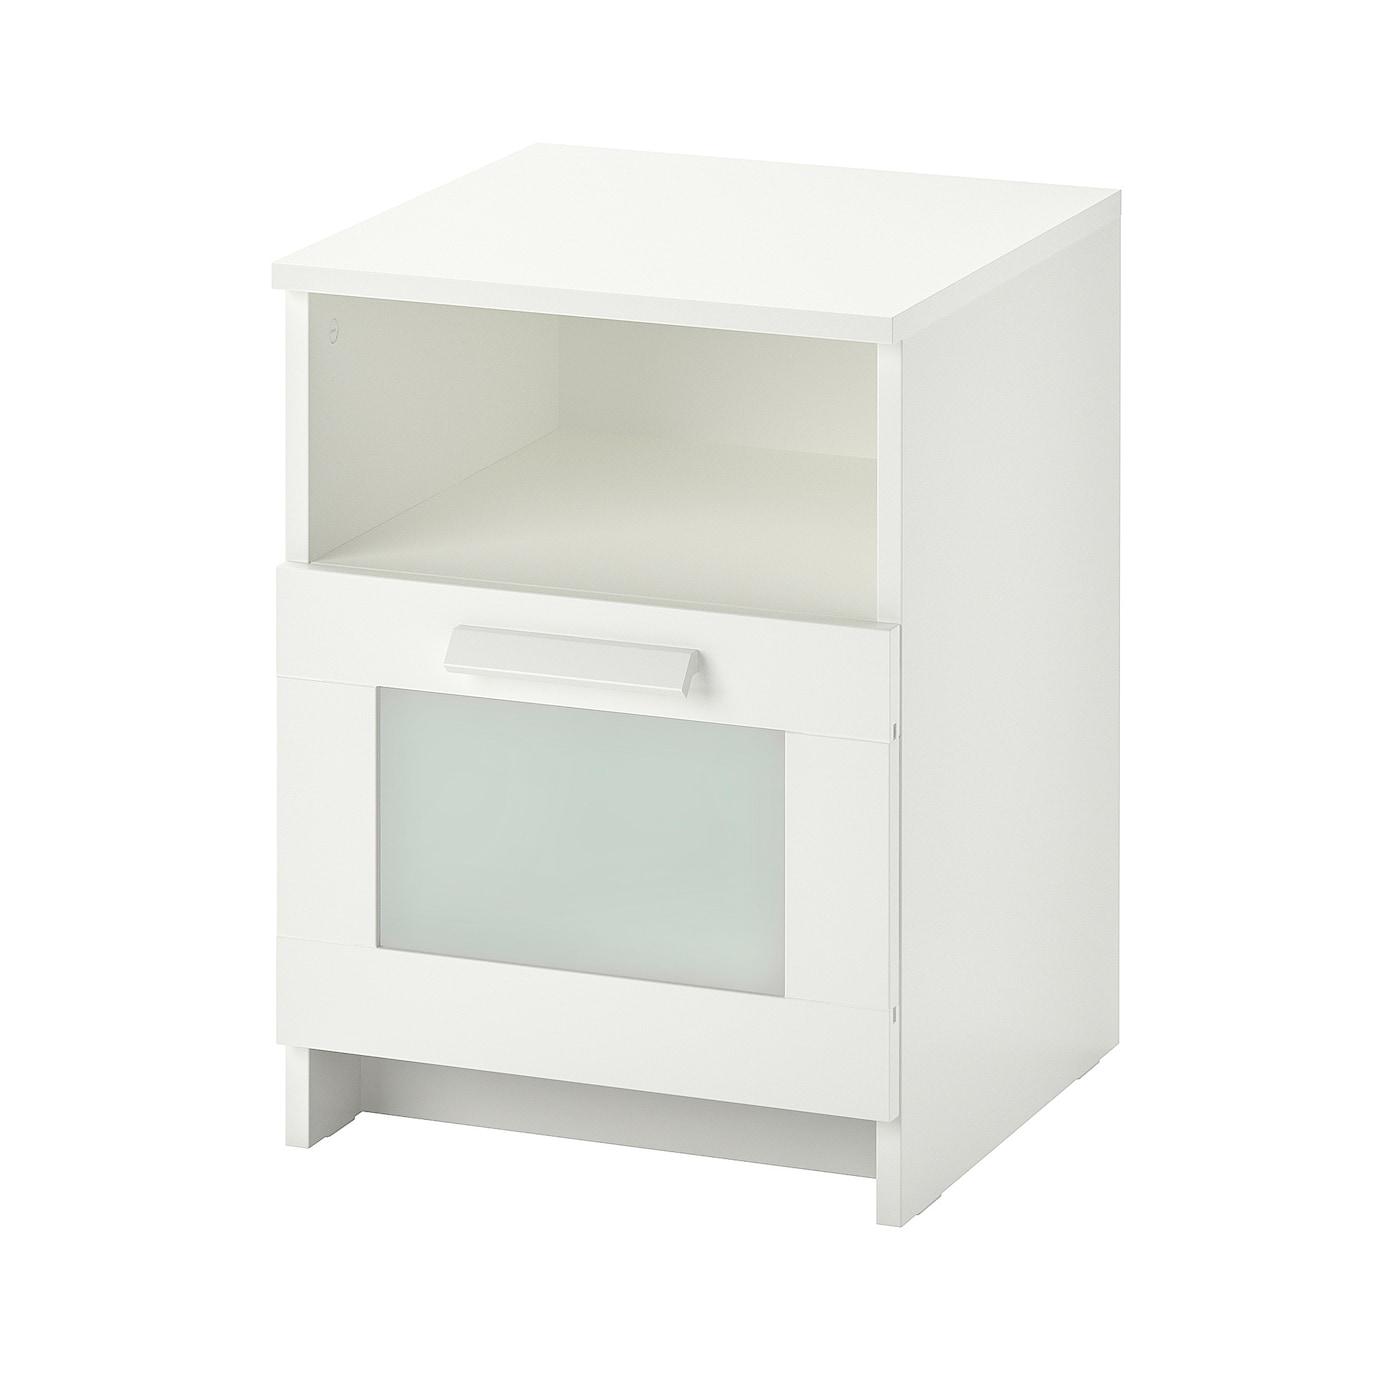 Zwevend Nachtkastje Zwart.Nachtkastje Nachttafel Bedtafel Design Goedkoop Ikea